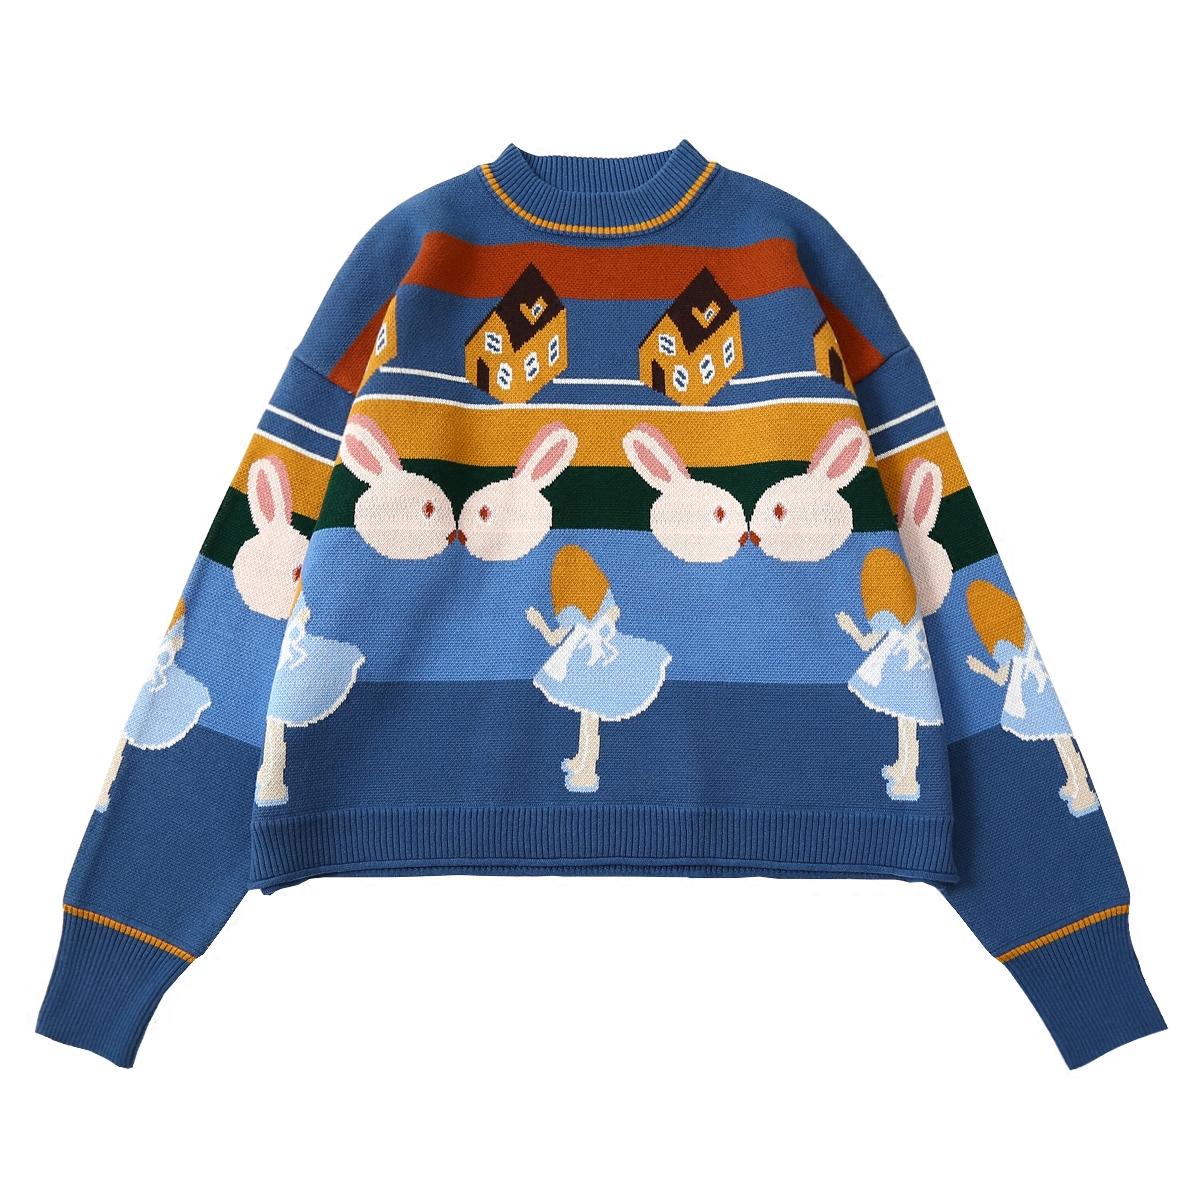 日系秋冬新款爱丽丝提花小高领可爱卡通兔子宽松百搭短款毛衣女